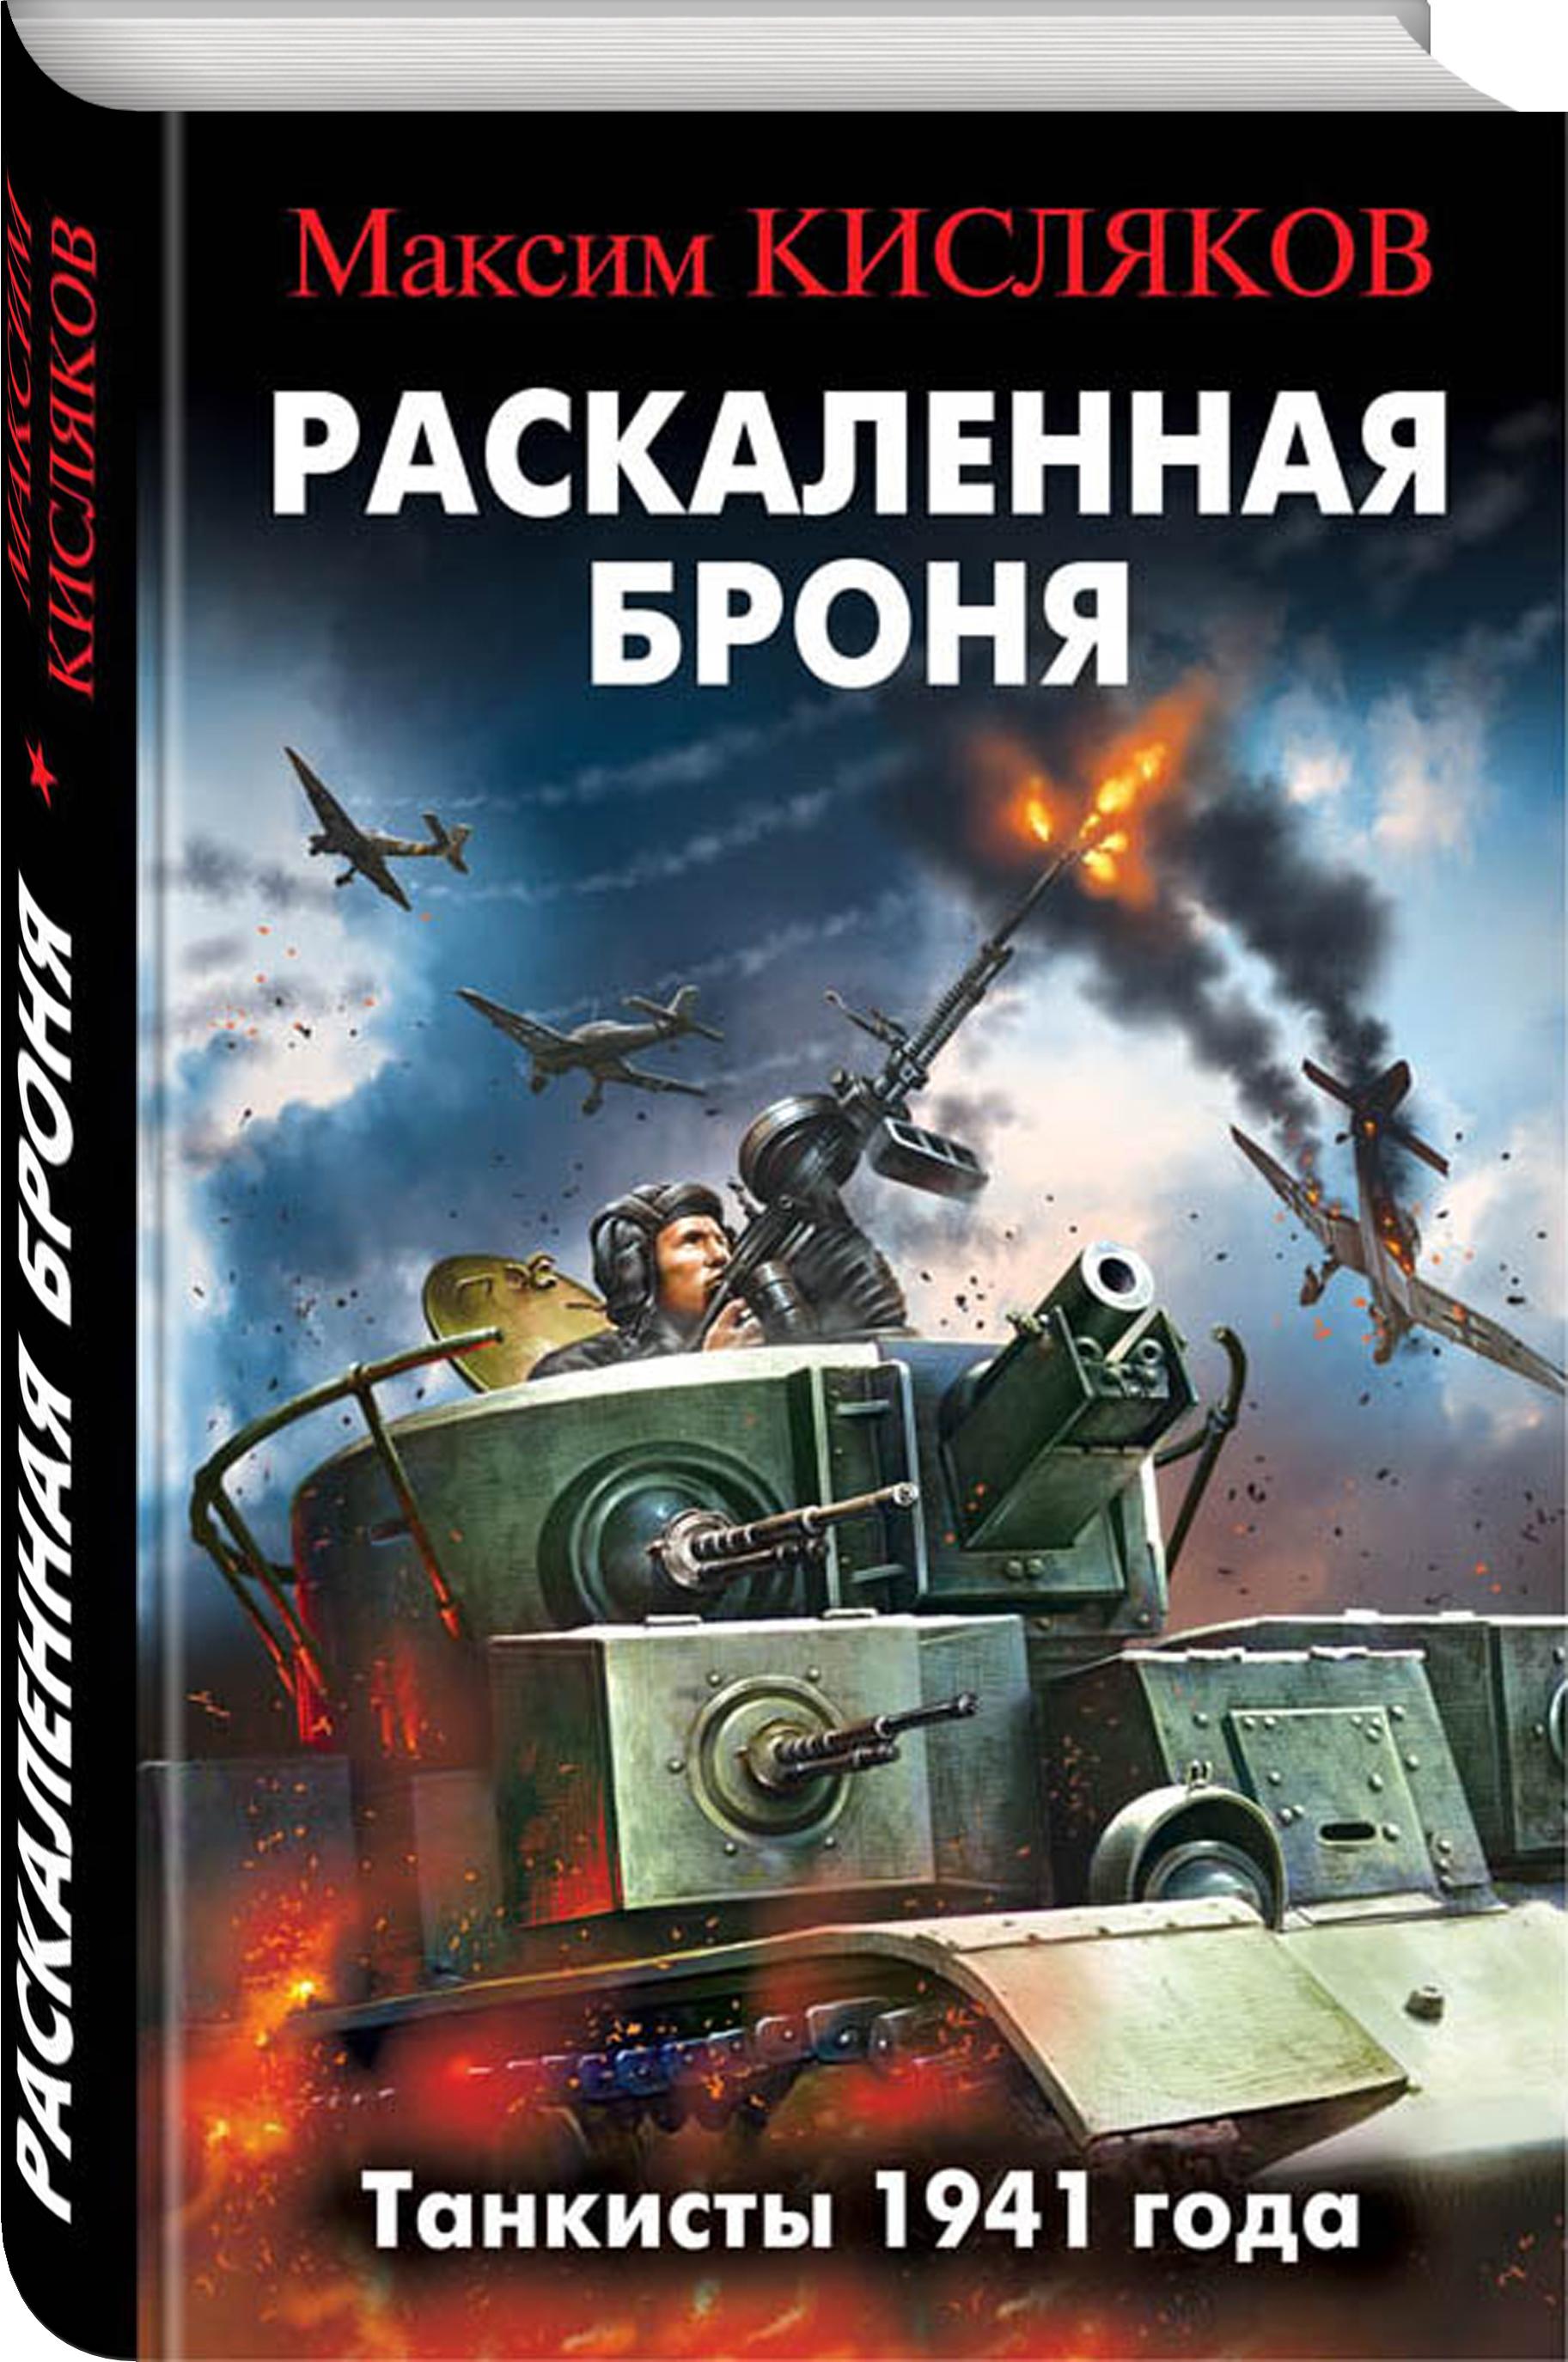 Кисляков М.В. Раскаленная броня. Танкисты 1941 года раскаленная броня танкисты 1941 года